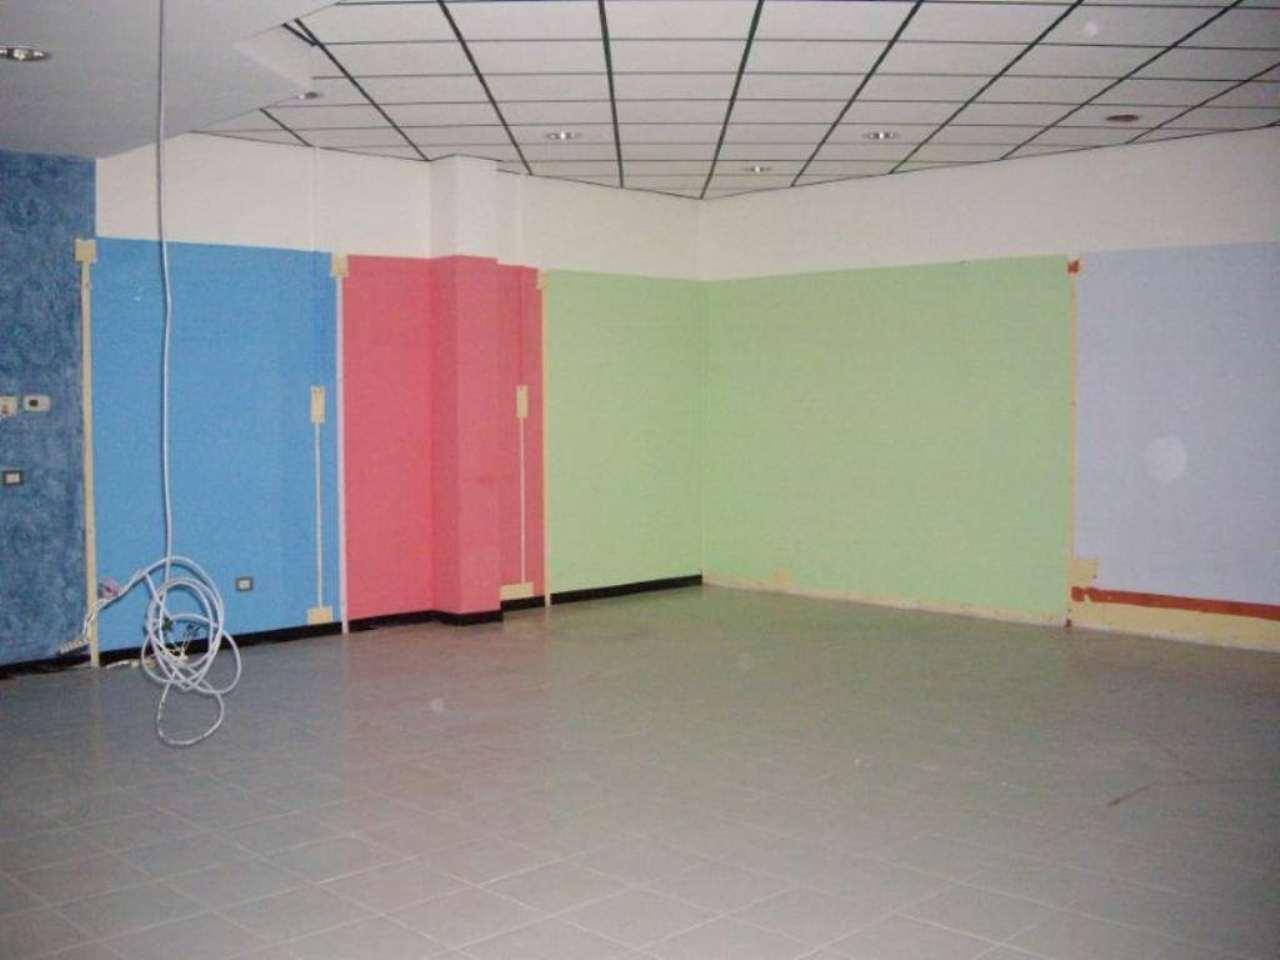 Ufficio / Studio in affitto a Capriate San Gervasio, 1 locali, prezzo € 400 | CambioCasa.it